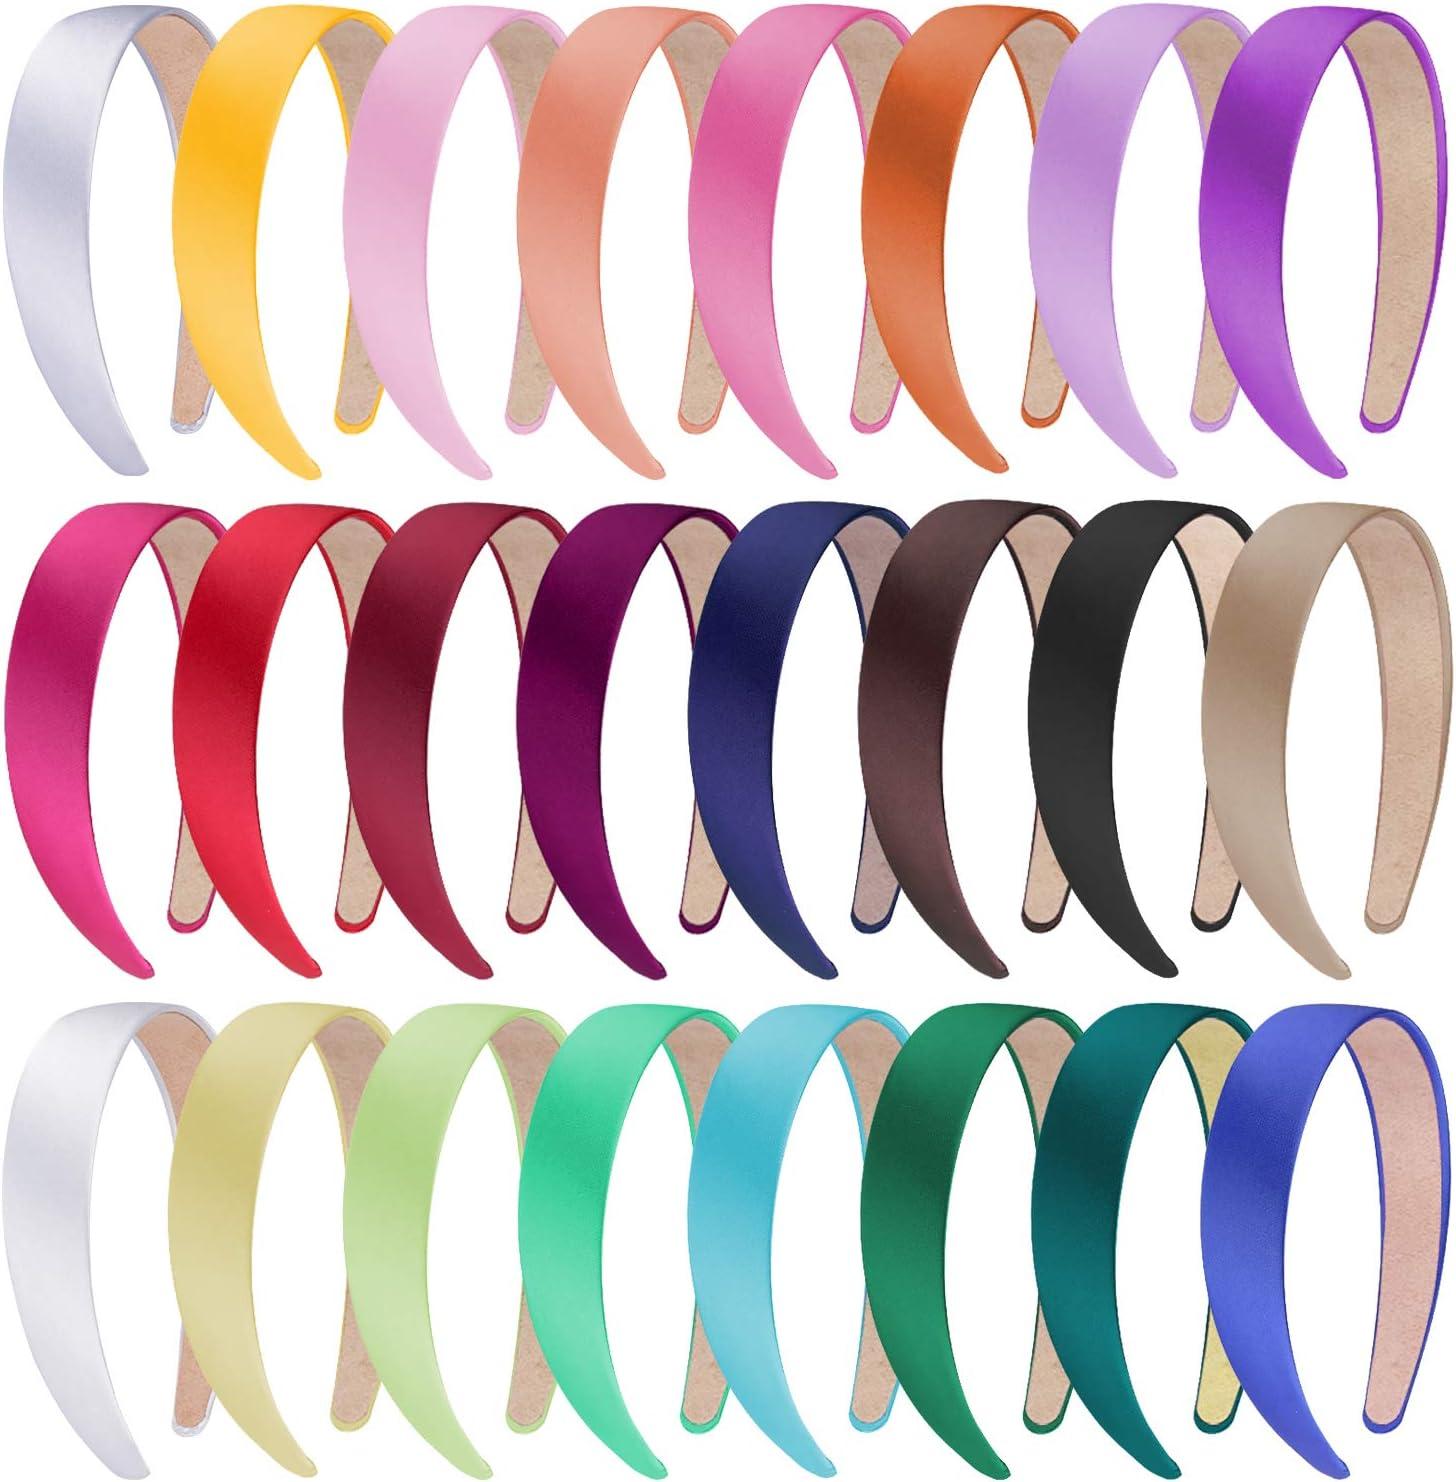 SIQUK 24 Piezas Diademas de Satén Mujer Diadema Turbante para Mujer Niñas, 24 Colores